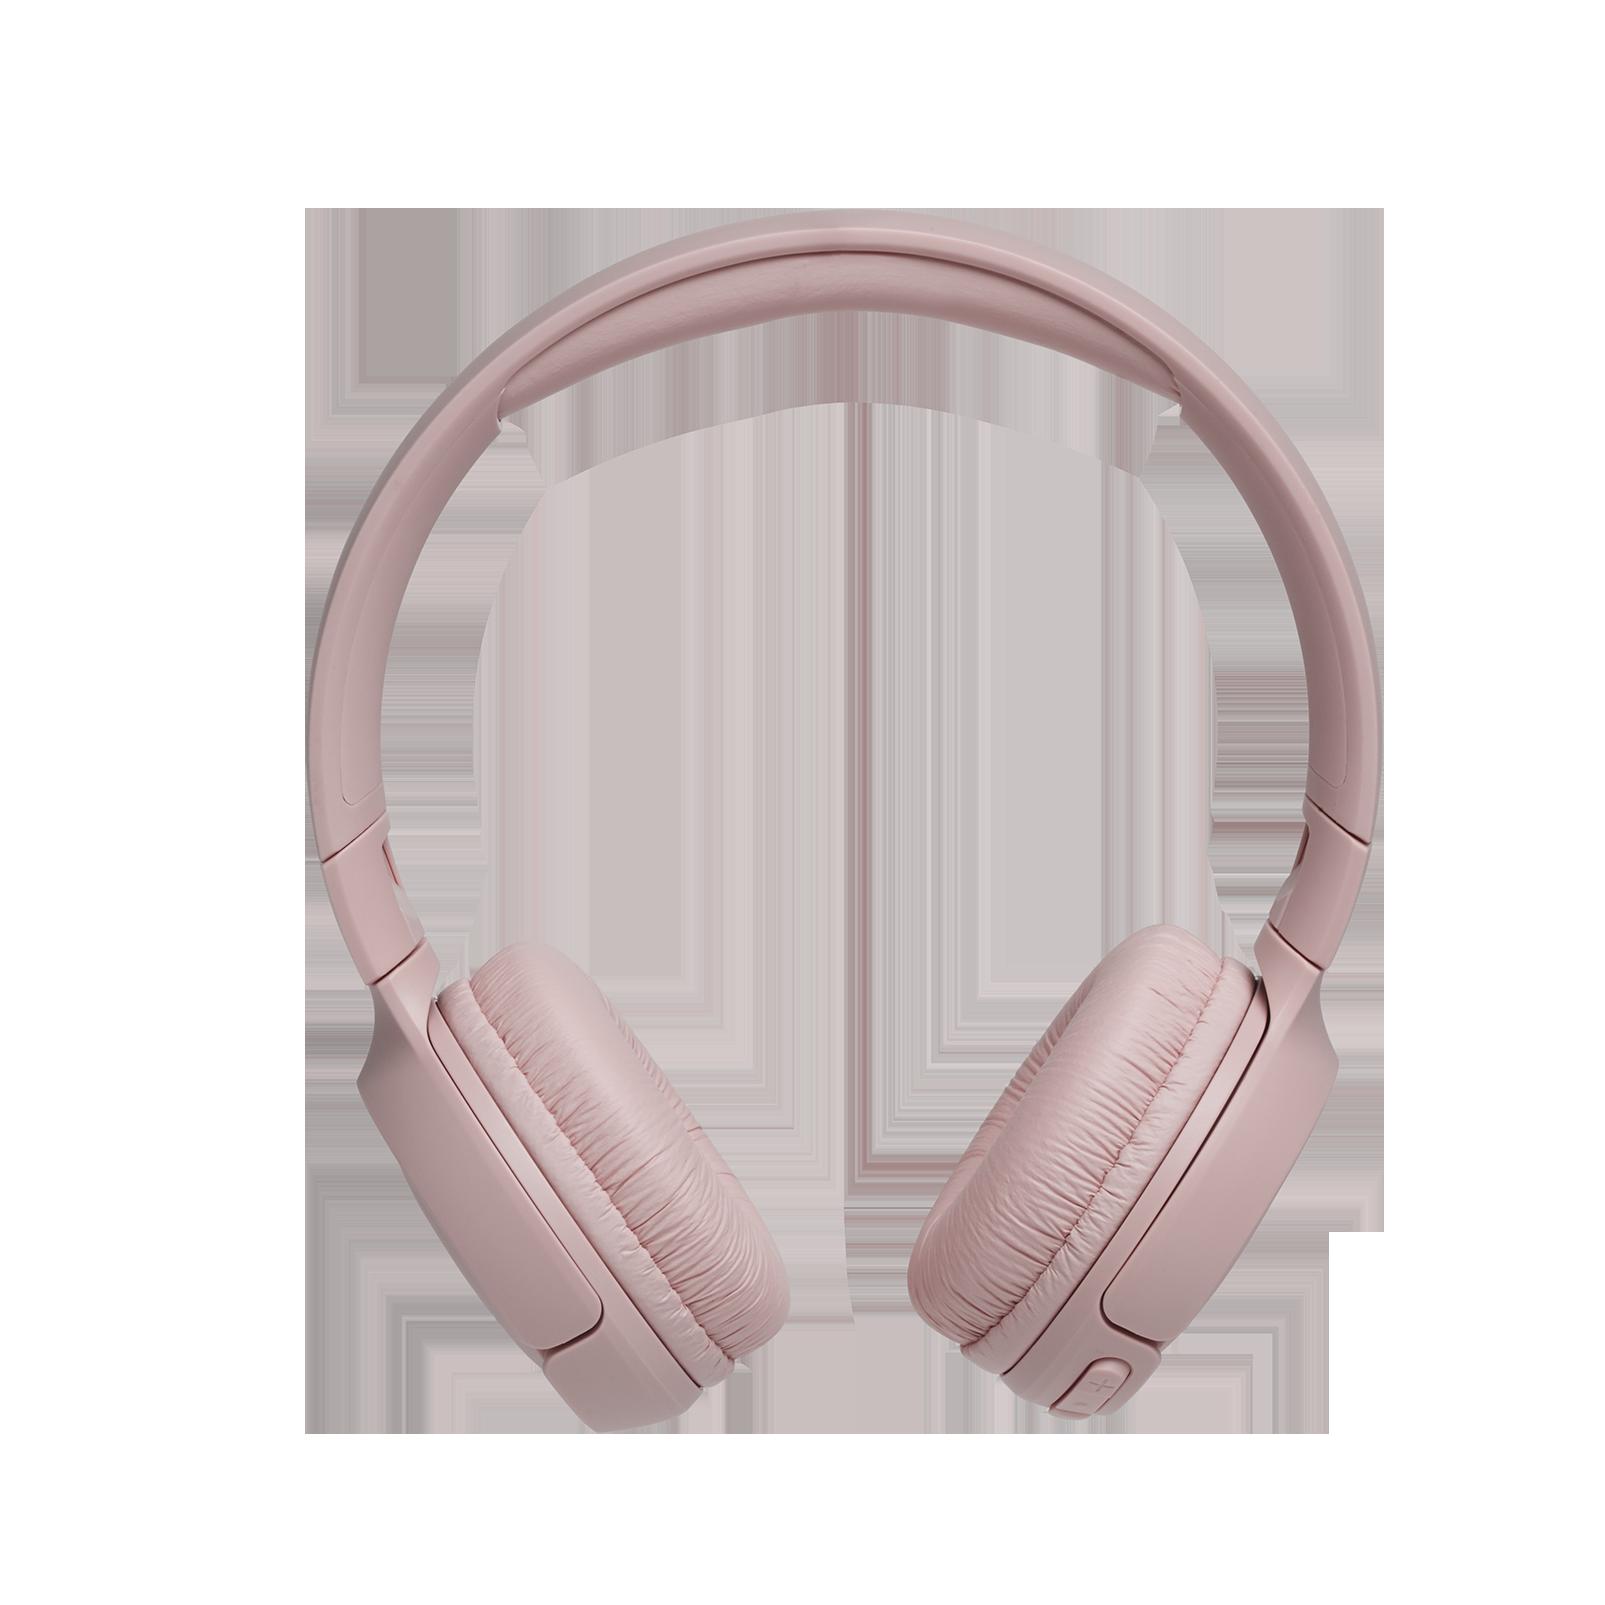 JBL TUNE 560BT - Pink - Wireless on-ear headphones - Left